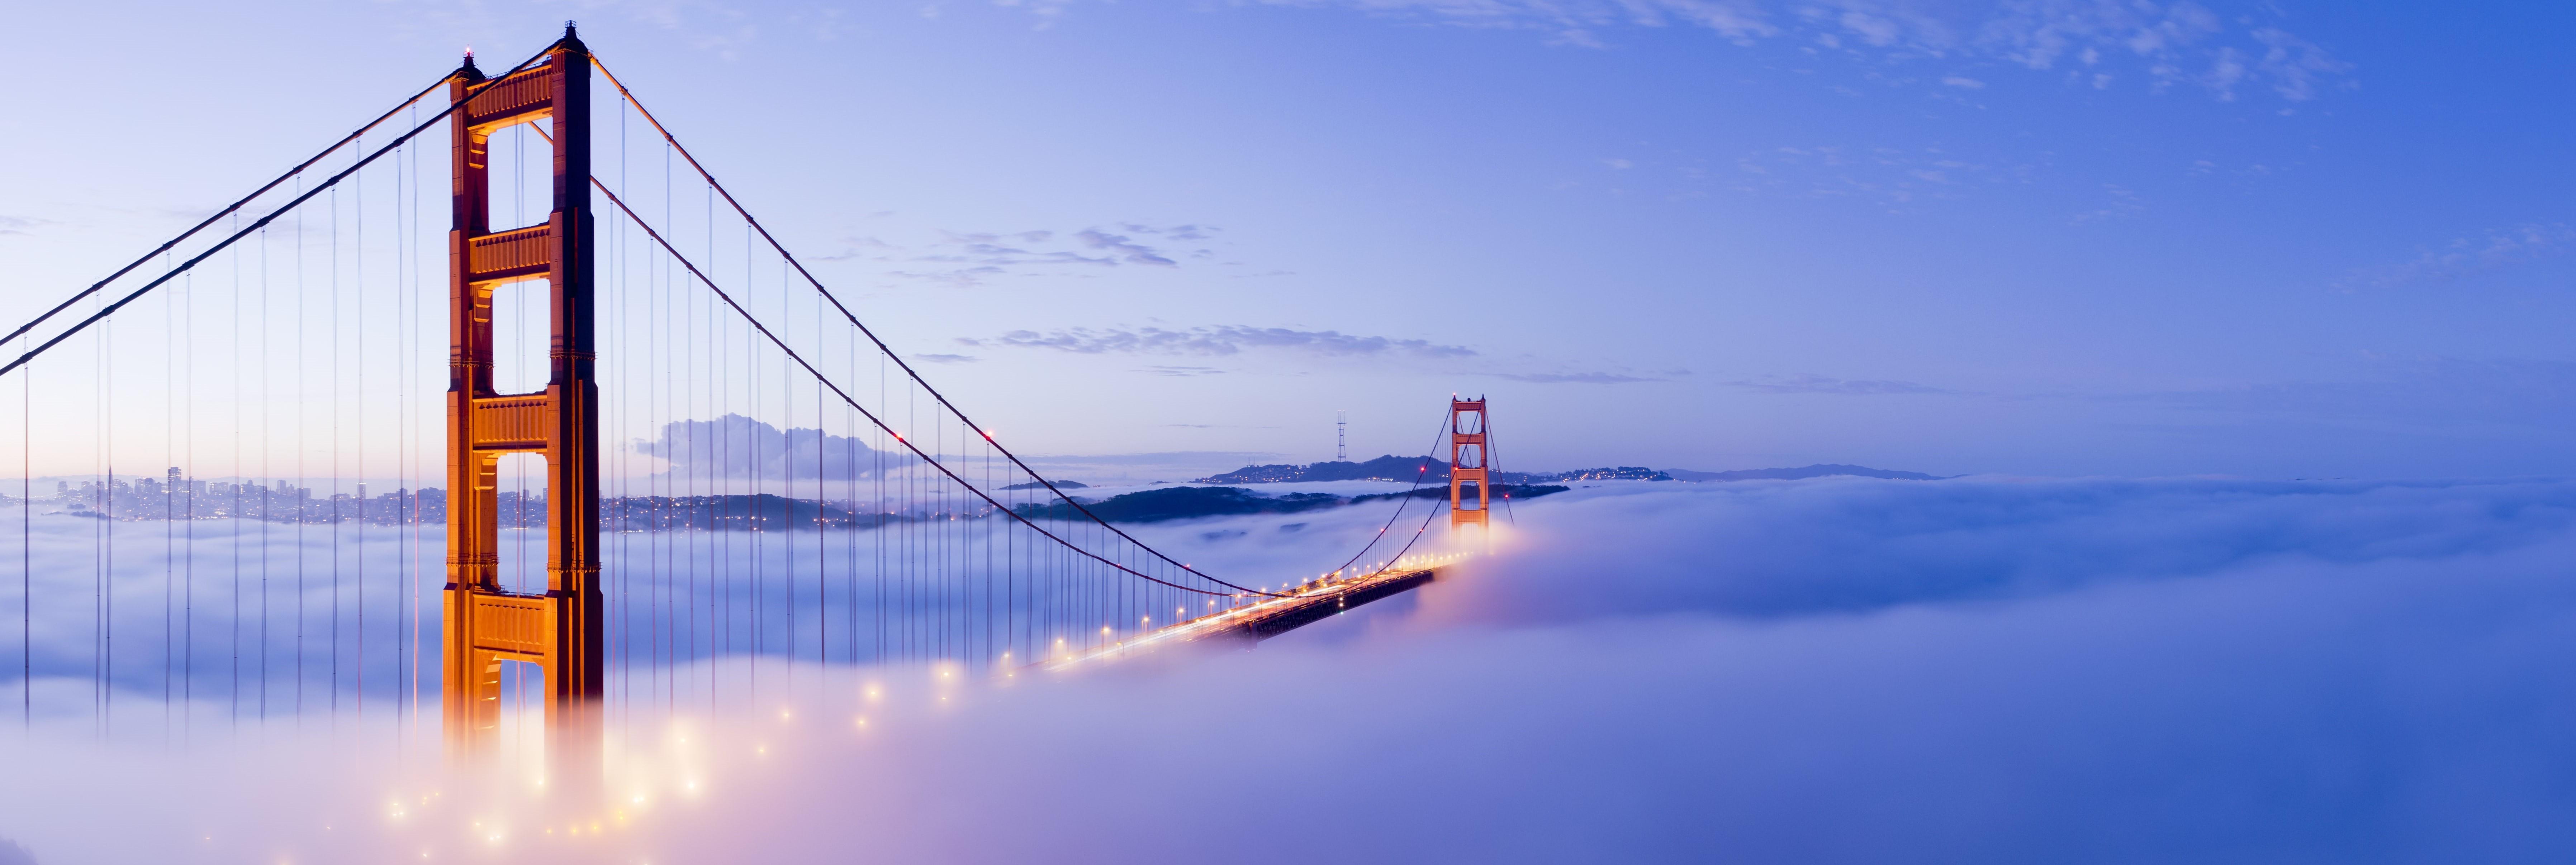 krajobraz z mostem w tle